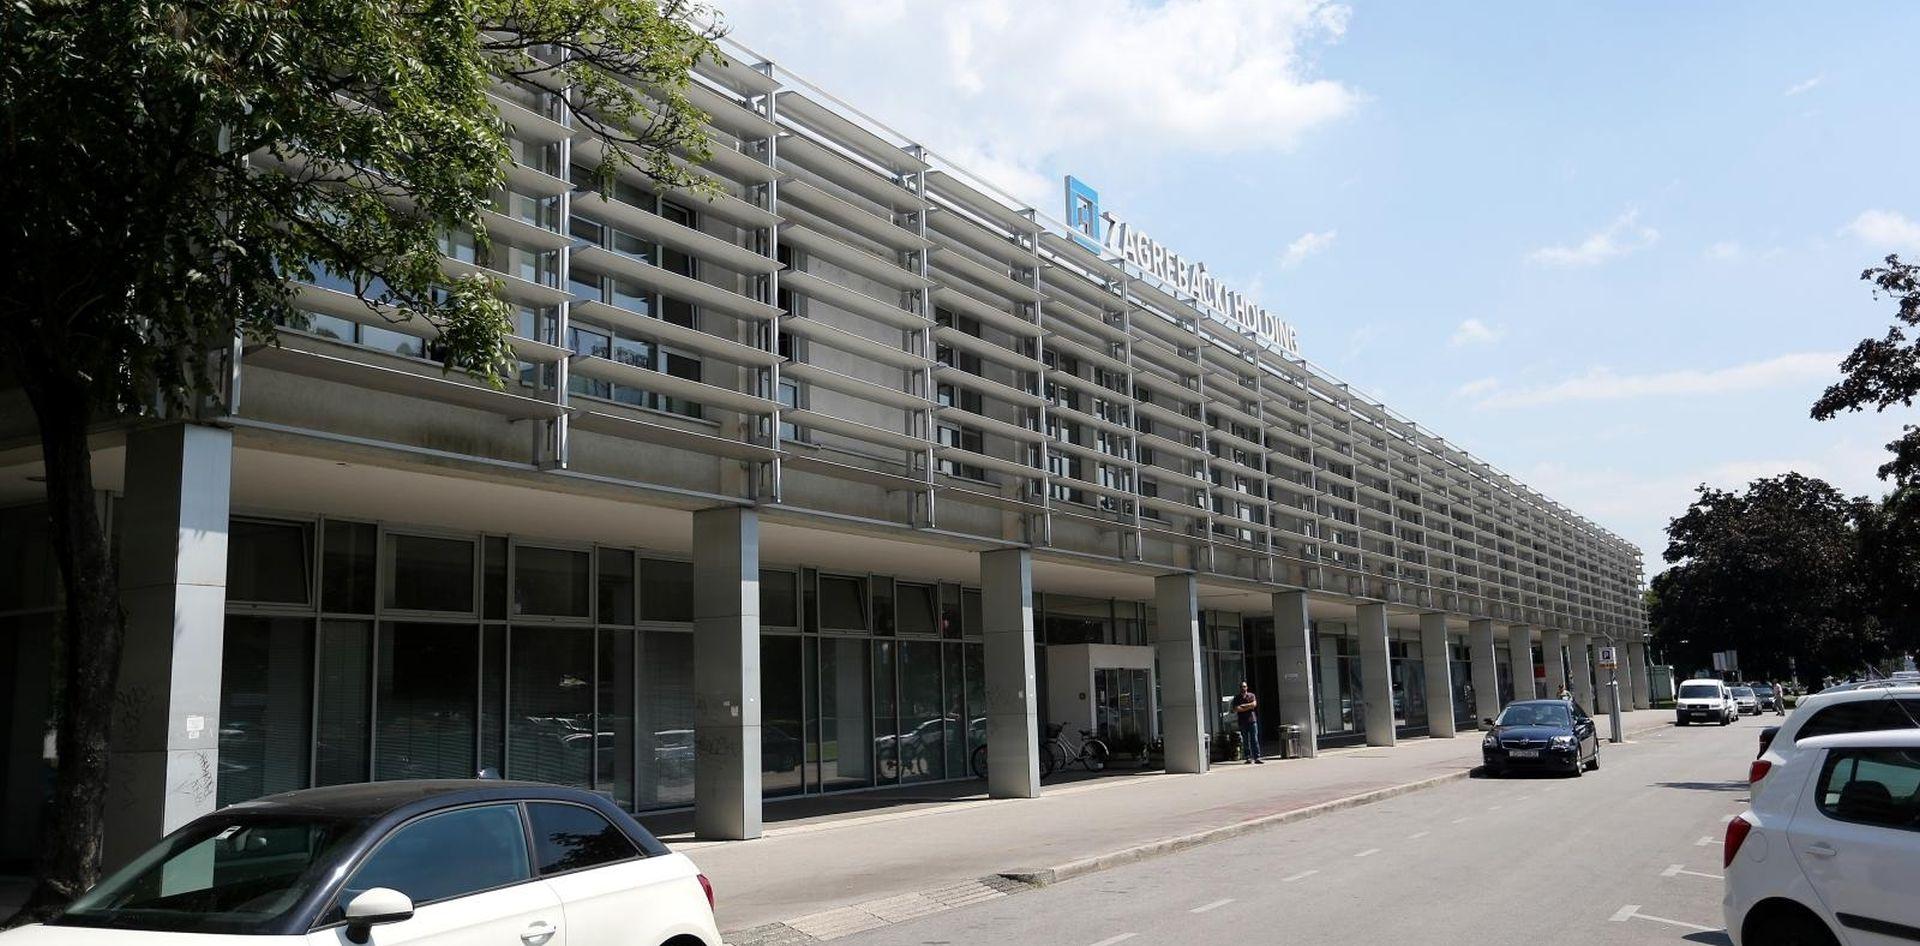 Grupa ZG Holding u prvom polugodištu s 55,8 milijuna kuna dobiti